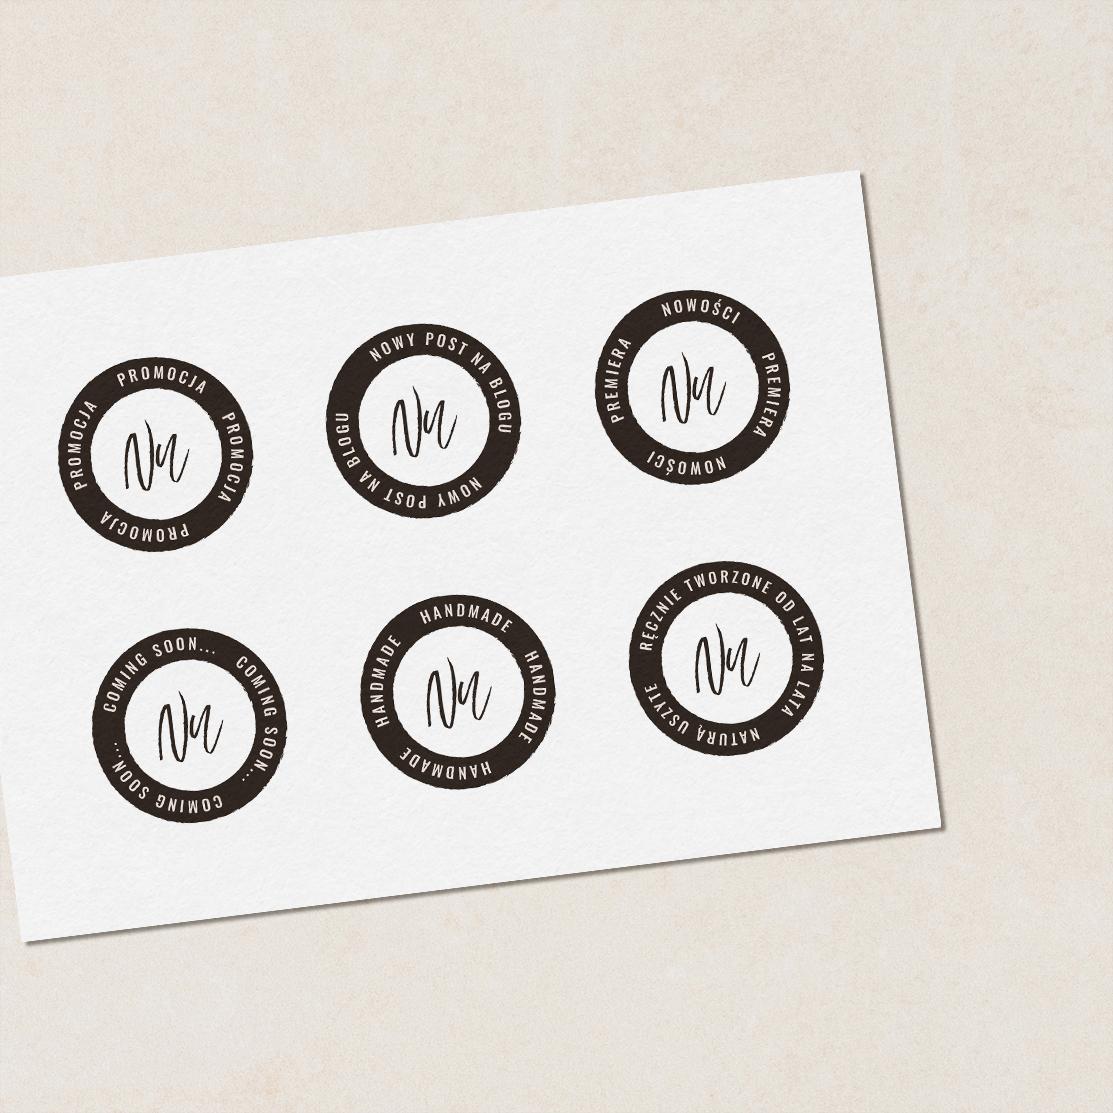 Hello! Autumn - stemple personalizowane, uniwersalne stemple | Gotowa identyfikacja wizualna | Hello! Beautiful brand | Sklep Moyemu